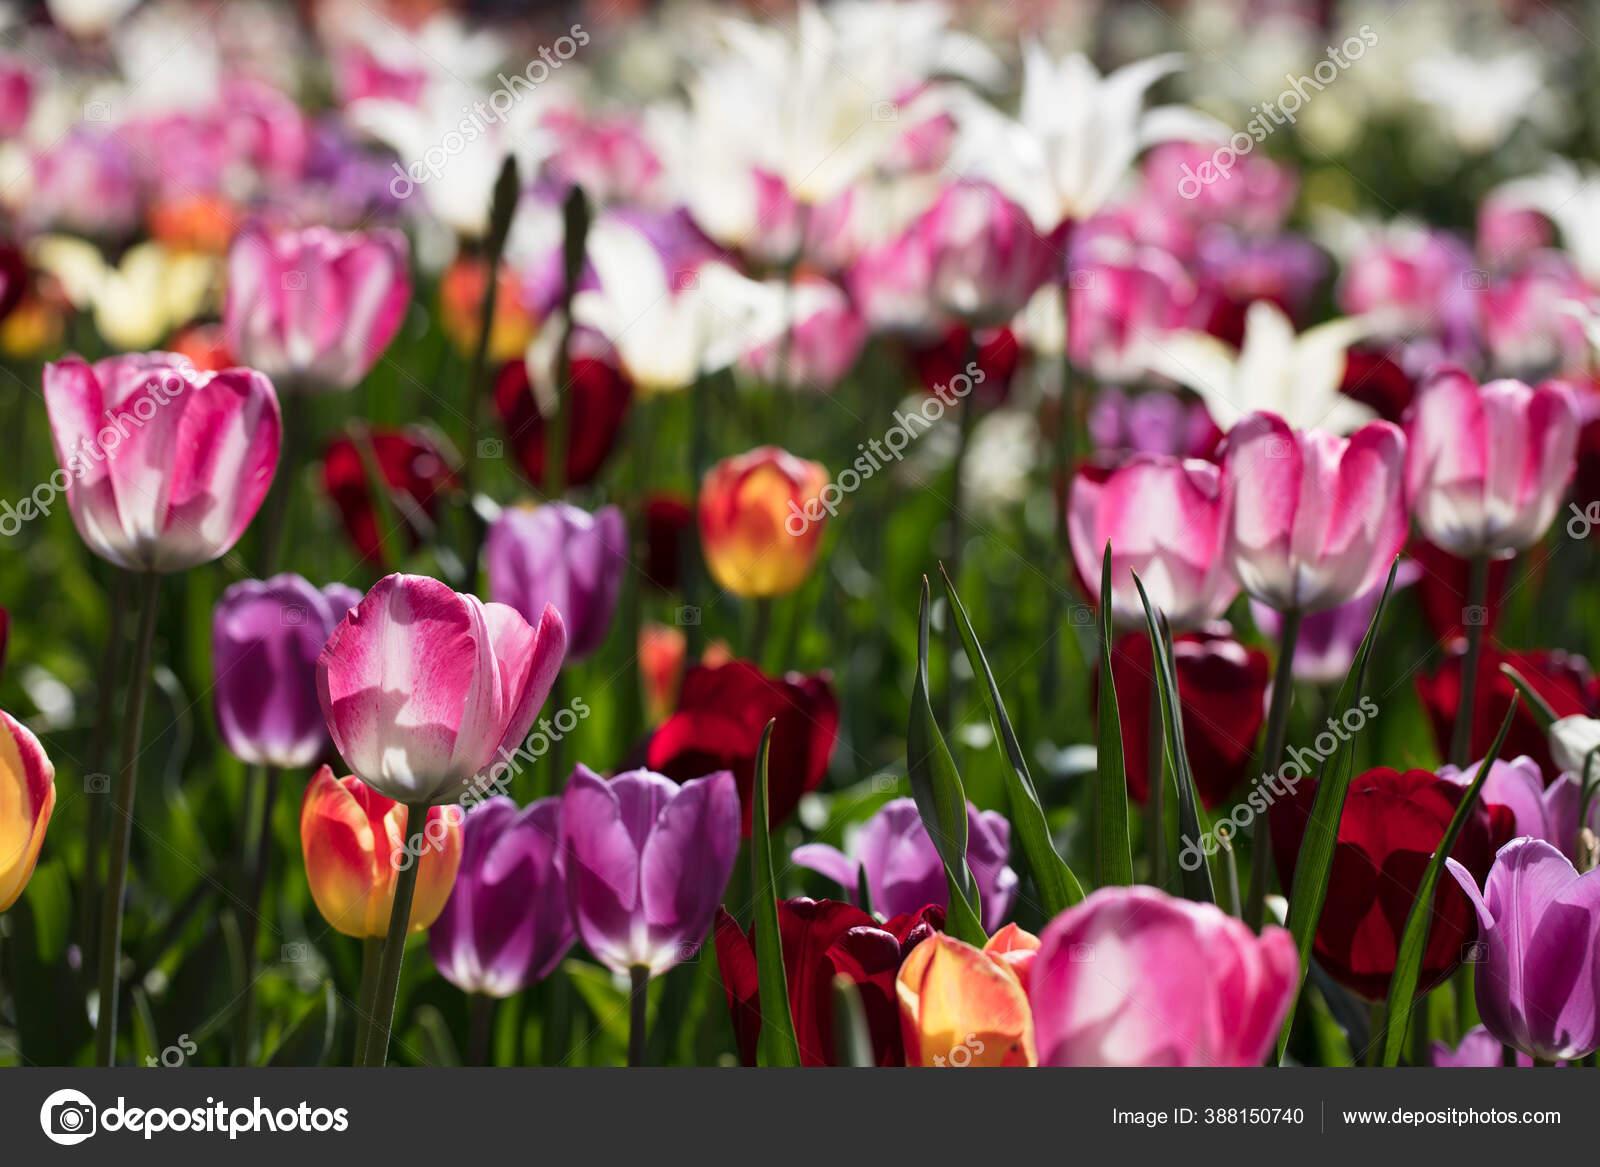 Bunga Tulip Mekar Berwarna Warni Taman Bunga Bawah Sinar Matahari Stok Foto C Zolnierek 388150740